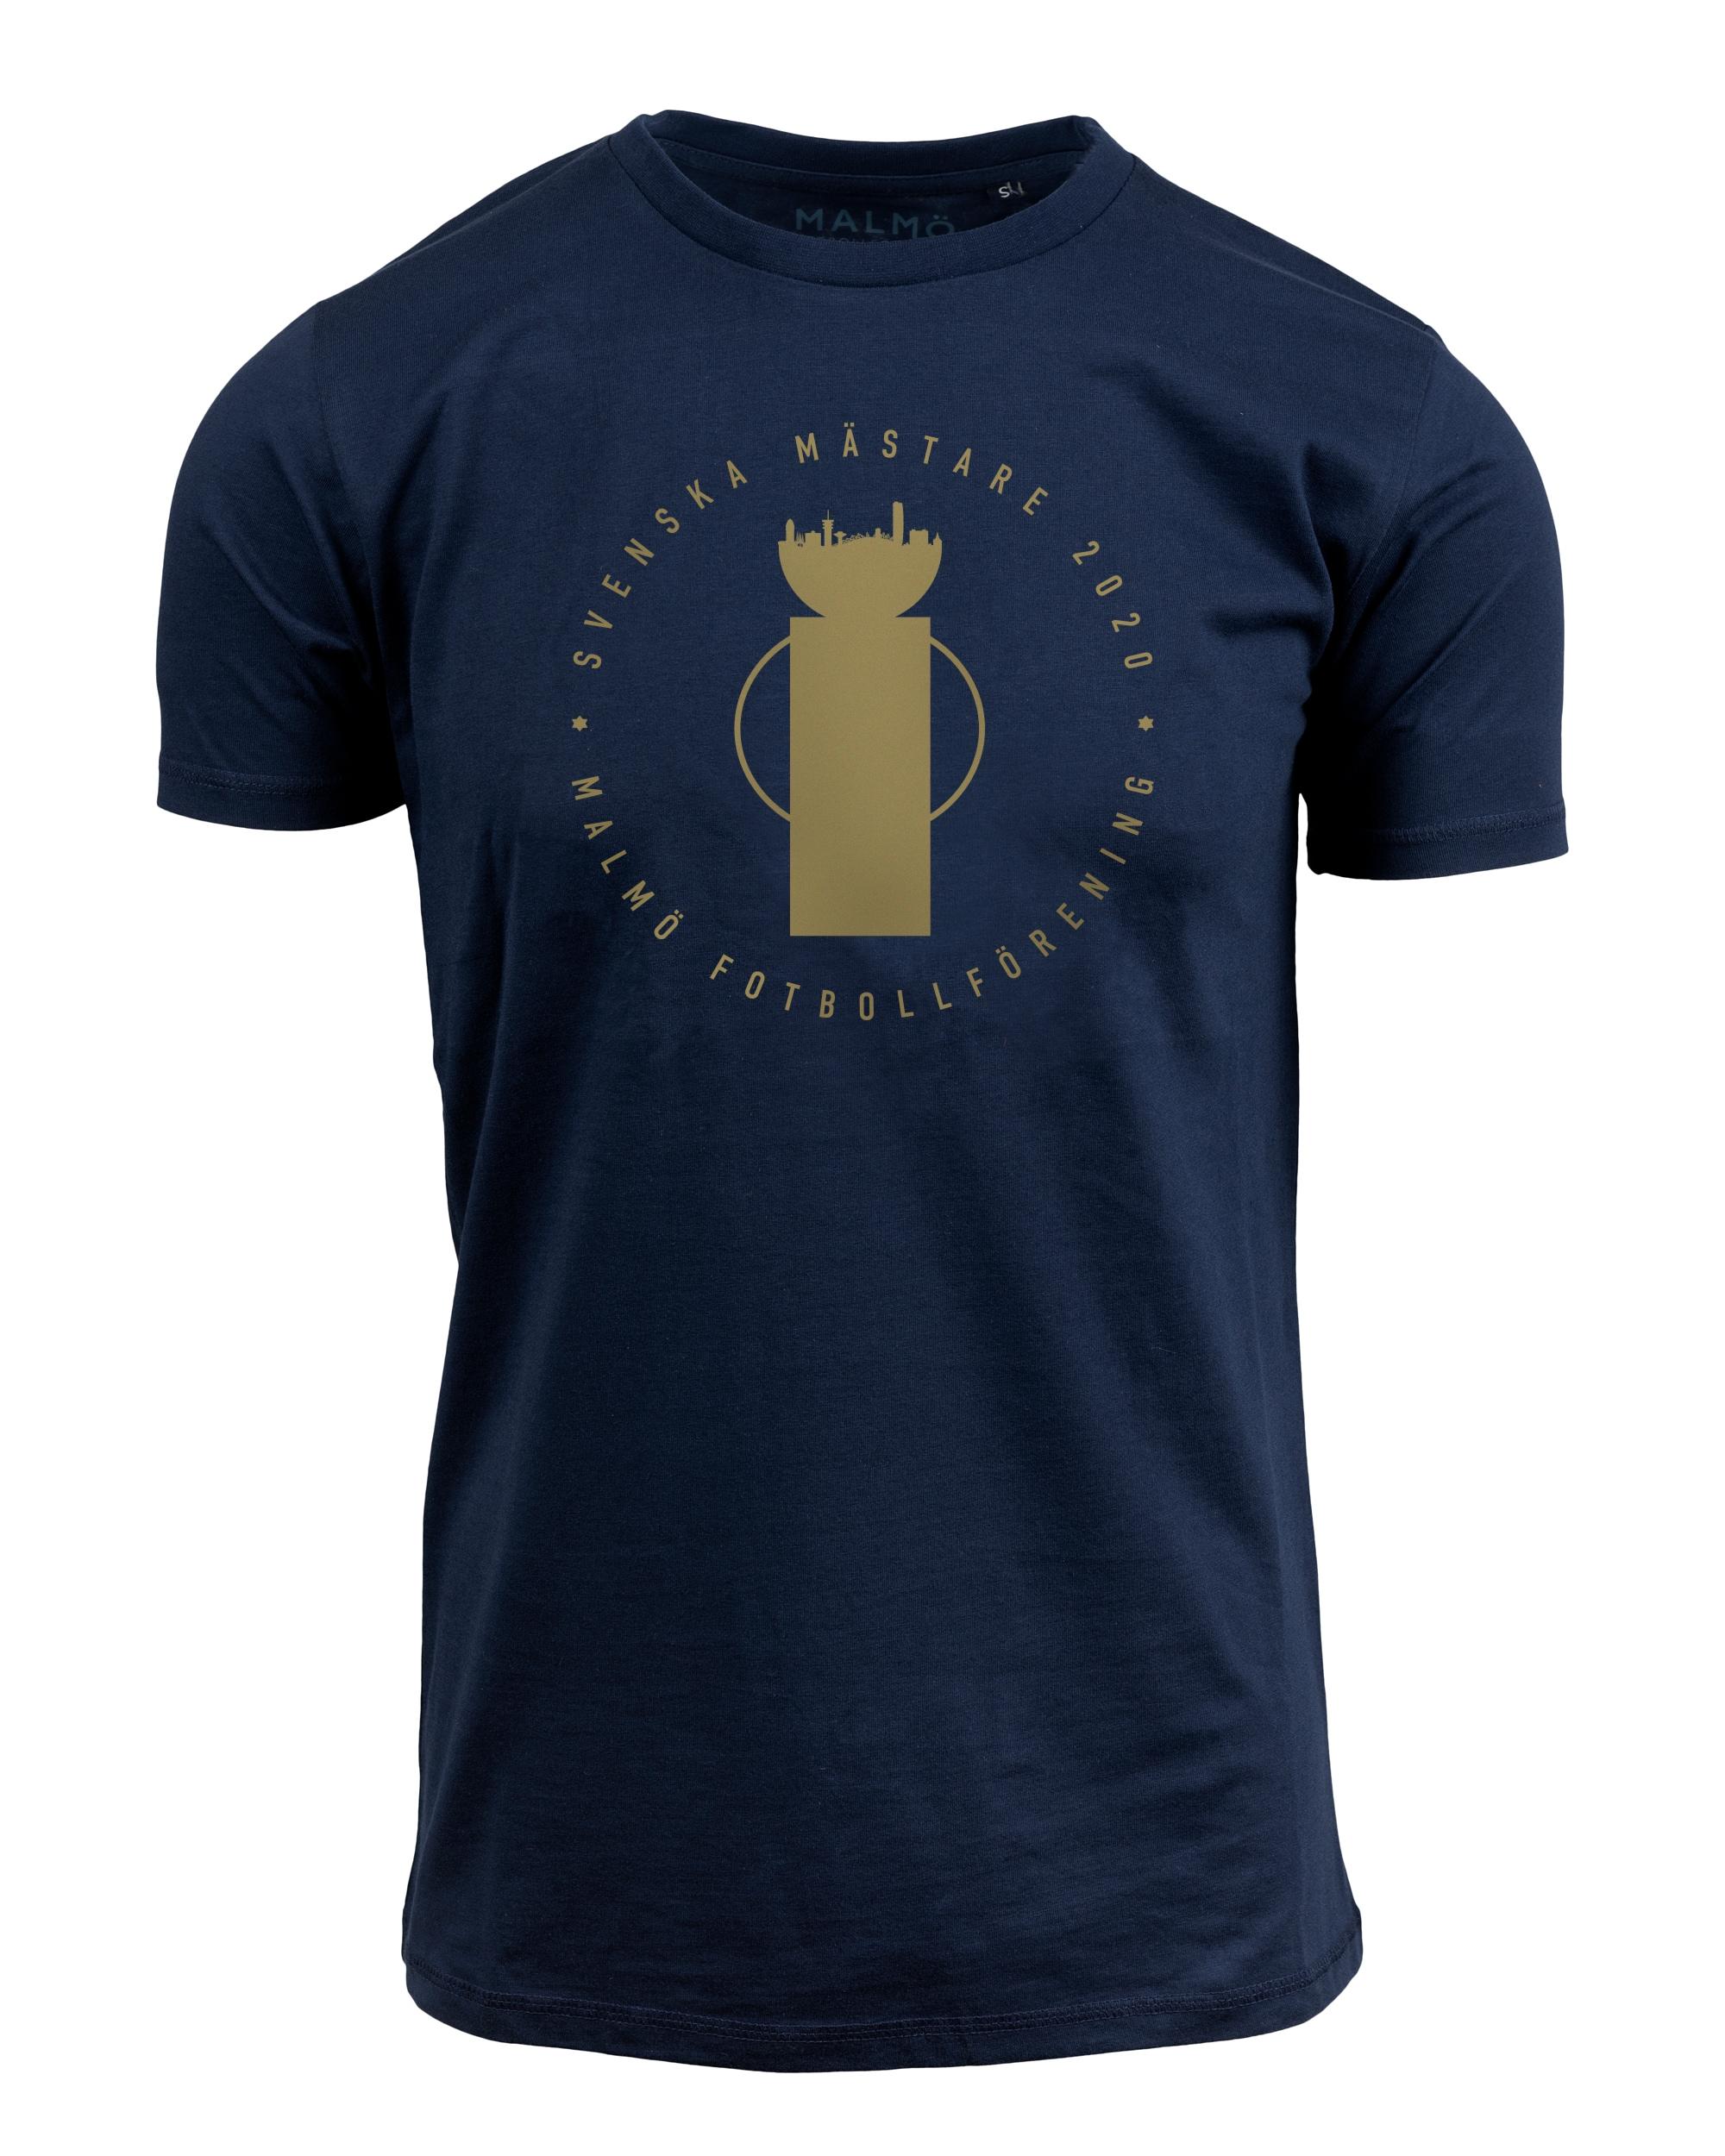 T-shirt Pokalen marinblå